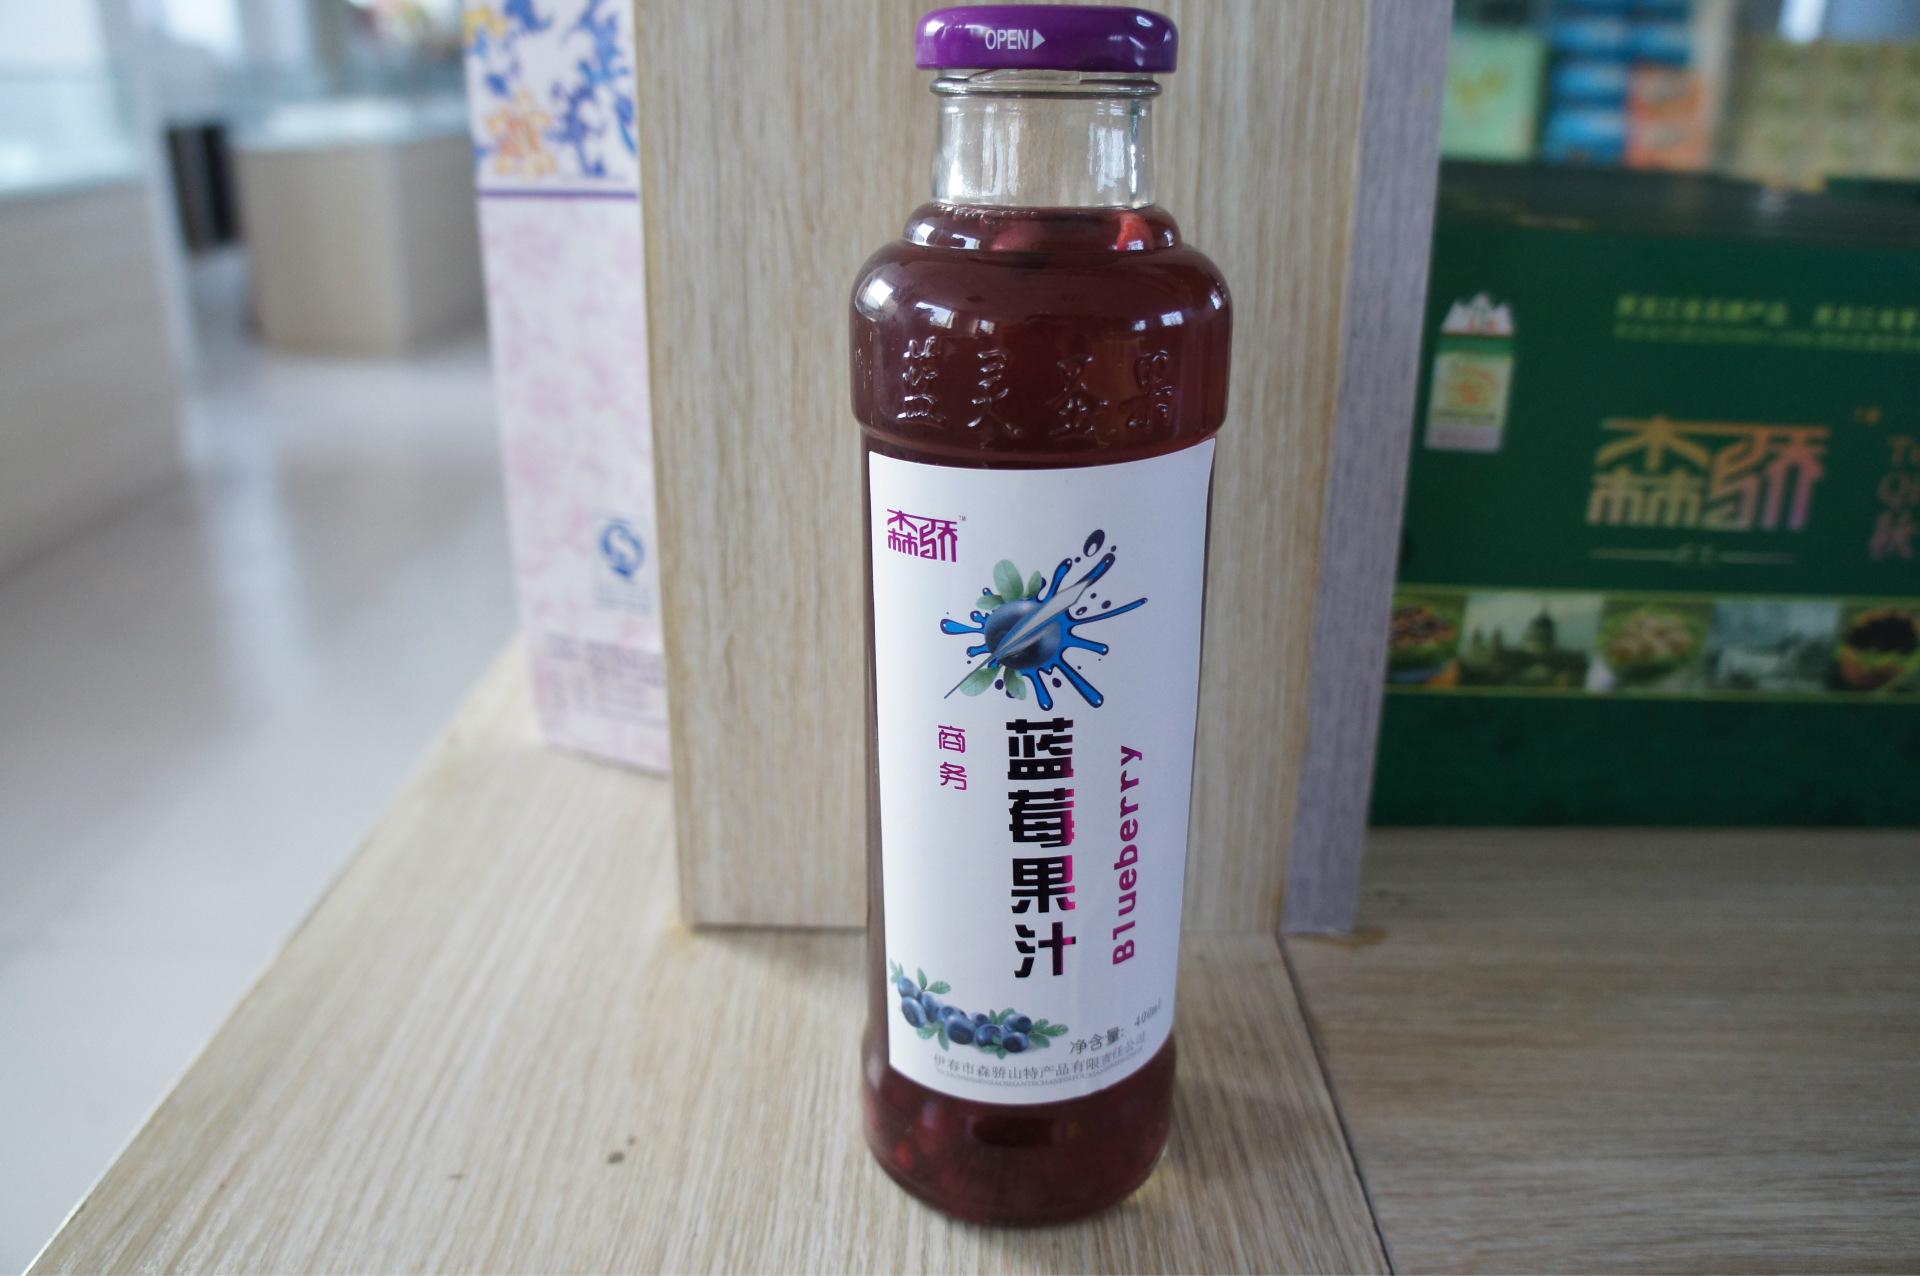 森骄牌蓝莓果汁图片二